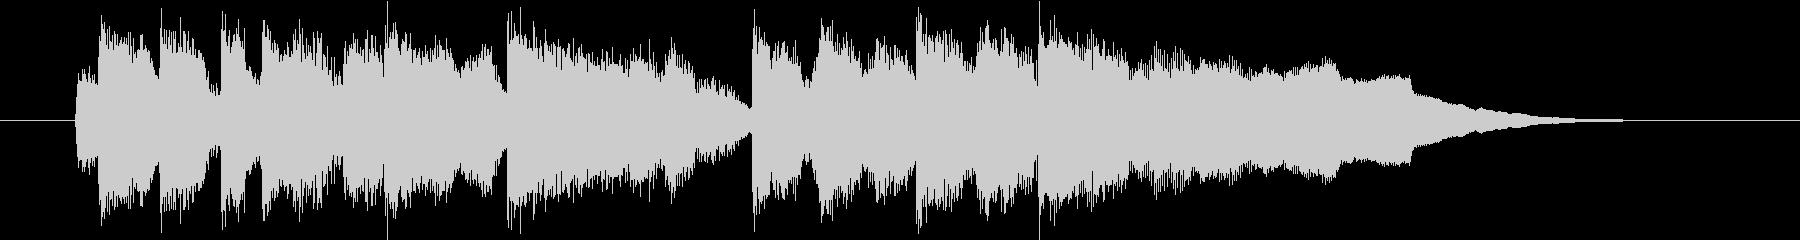 明るい短めのスローテンポの曲の未再生の波形